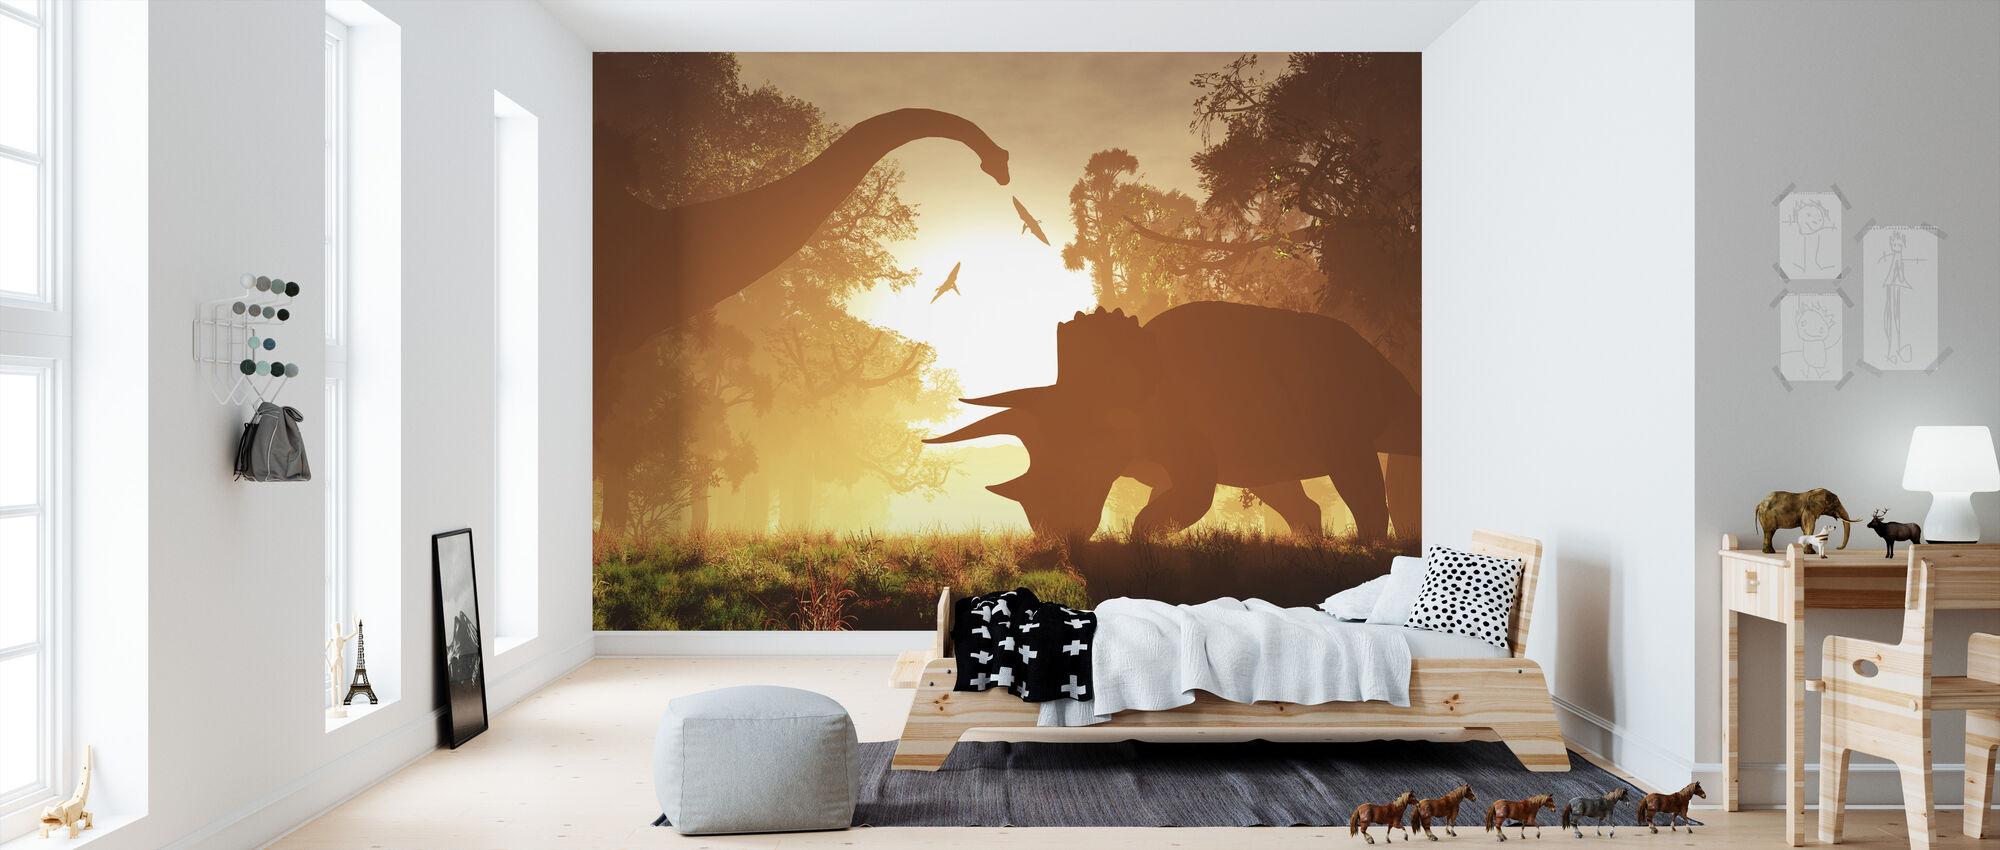 Dinosaur Morning - Wallpaper - Kids Room